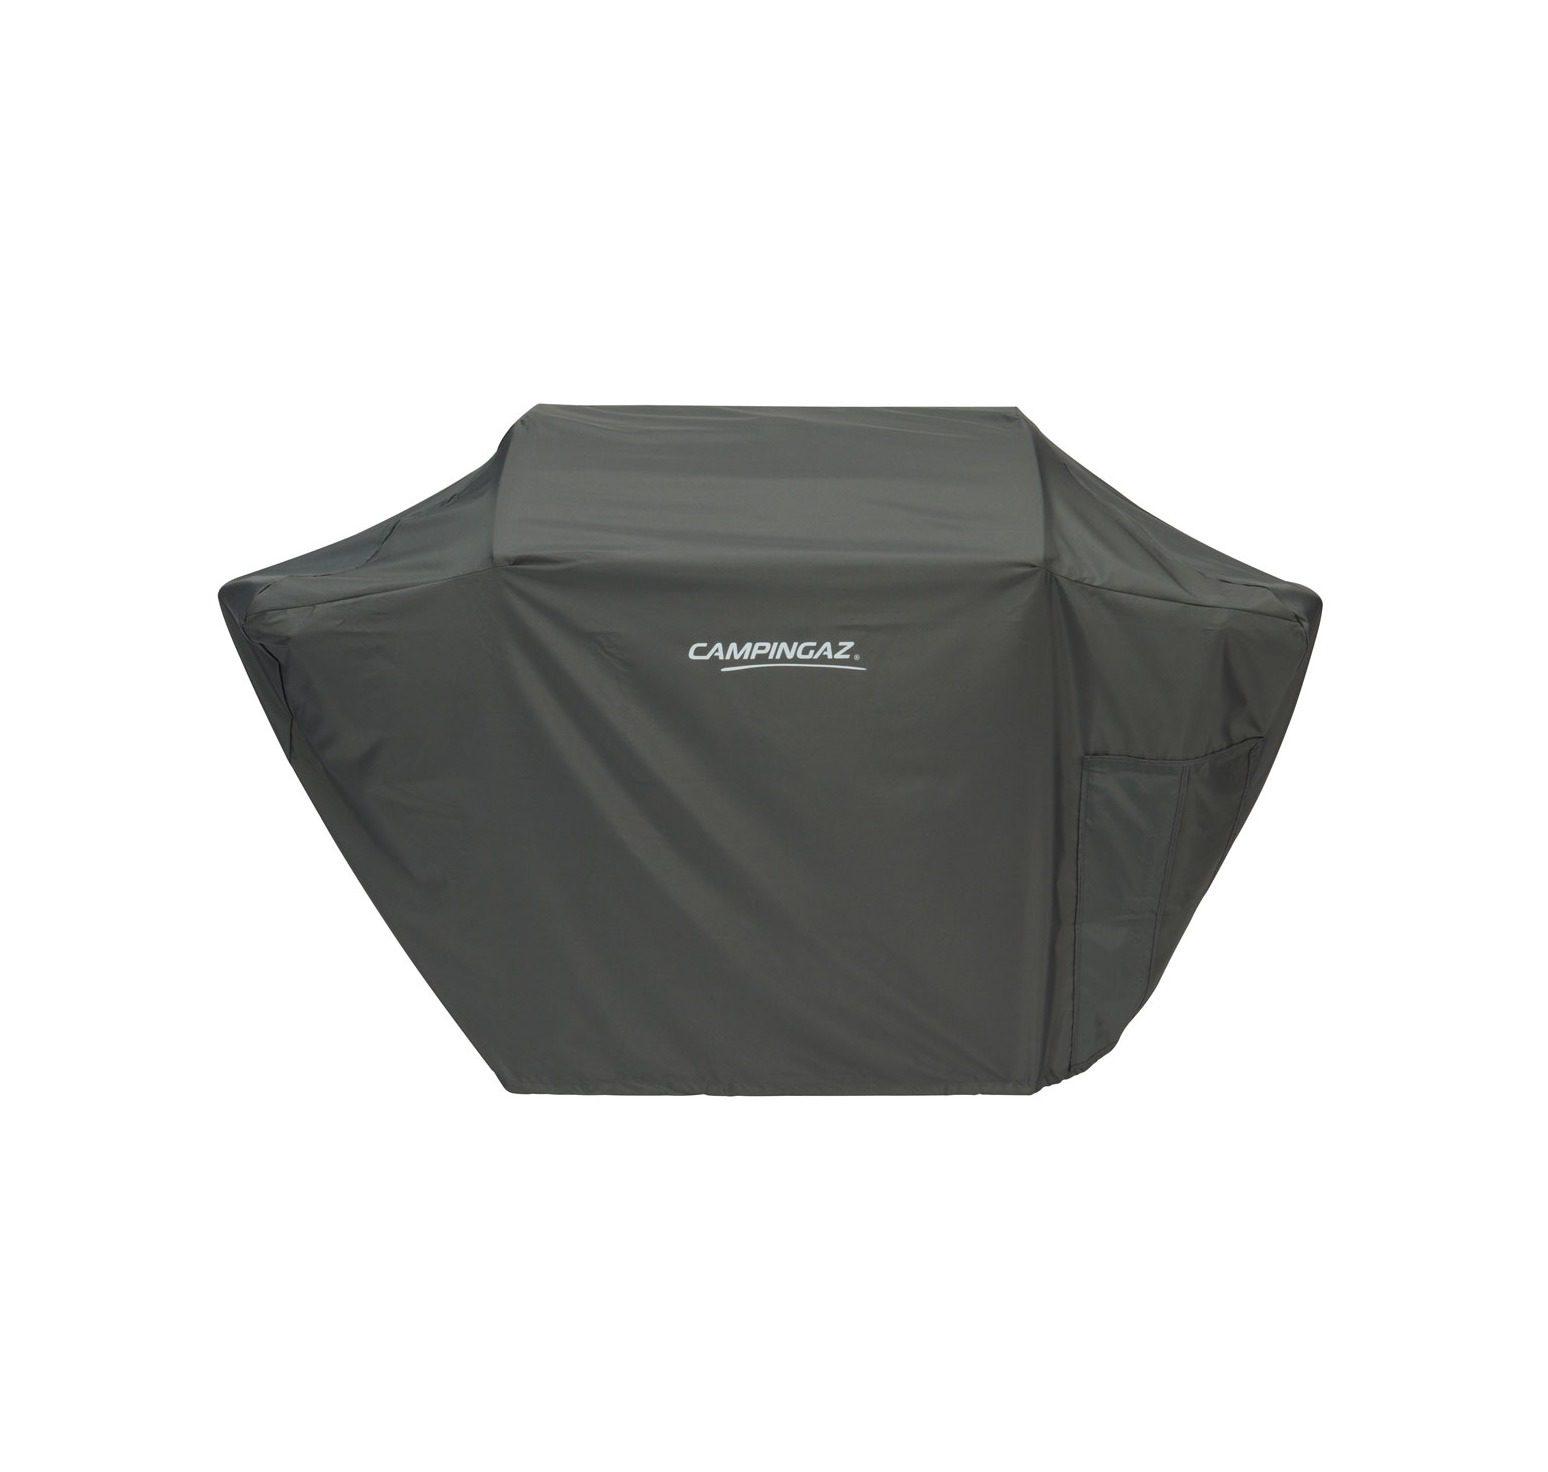 Campingaz XXL premium barbcue cover